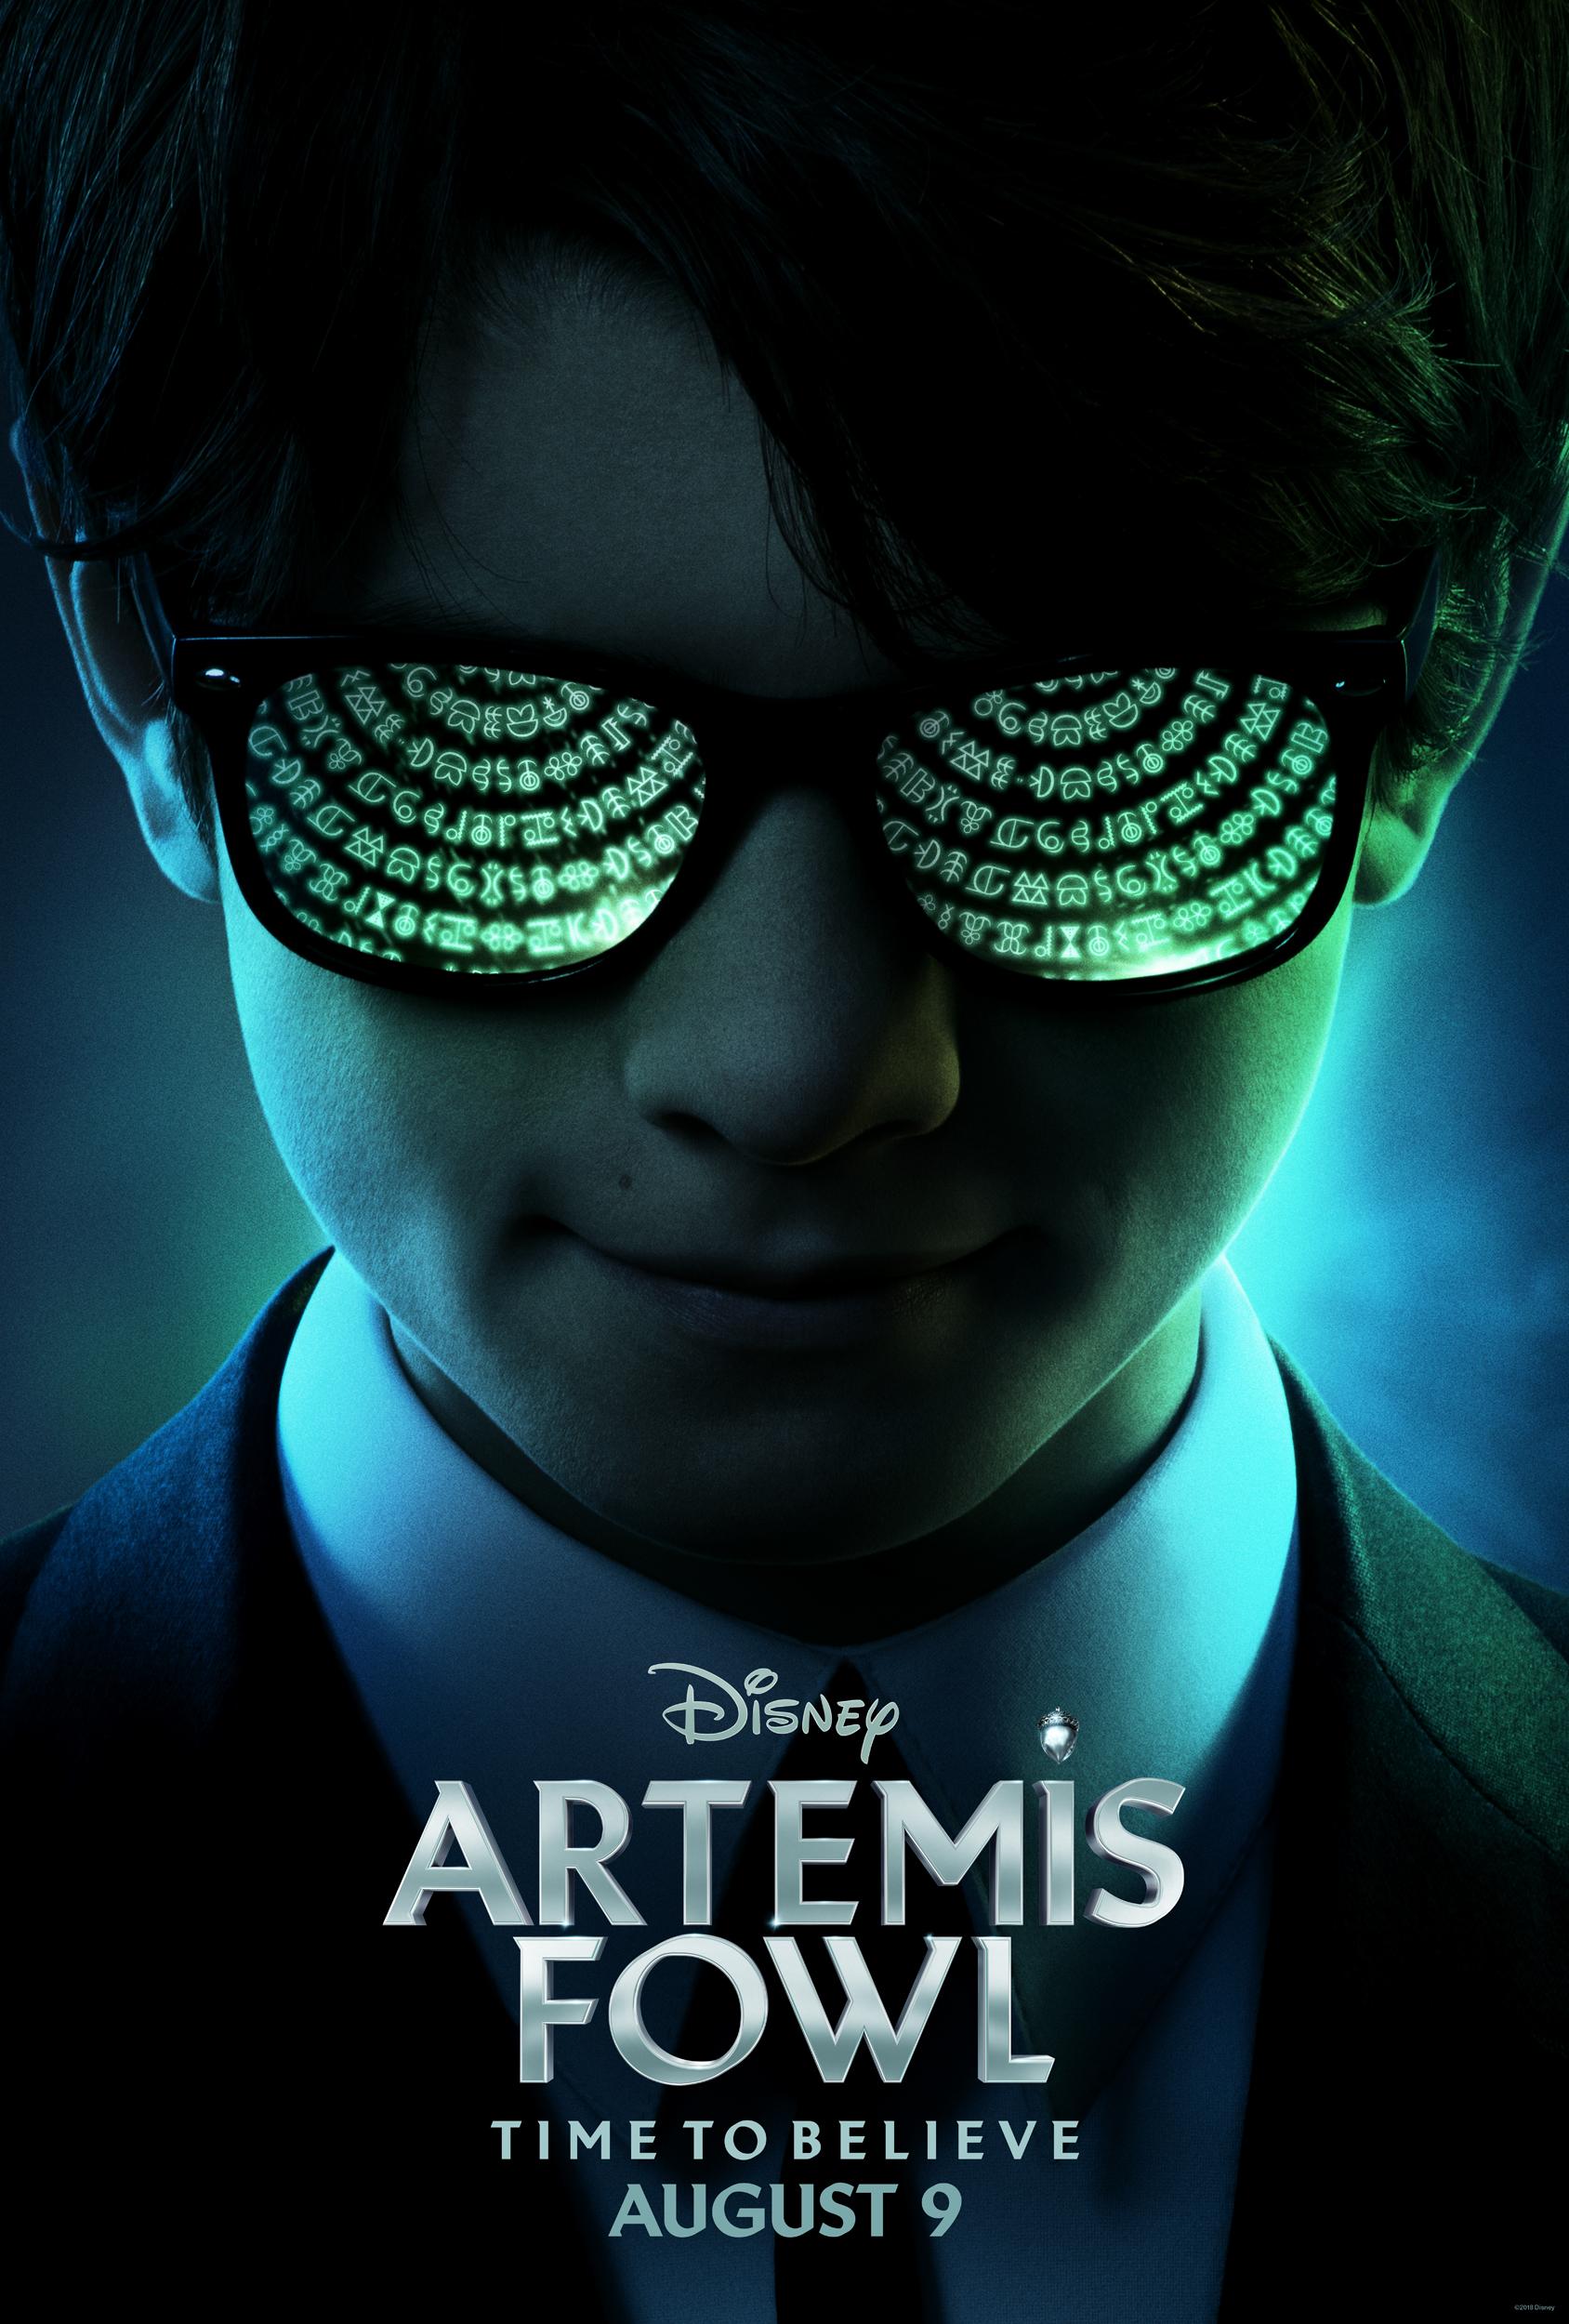 artemis fowl teaser poster - Teaser trailer de Artemis Fowl: El Mundo Subterráneo